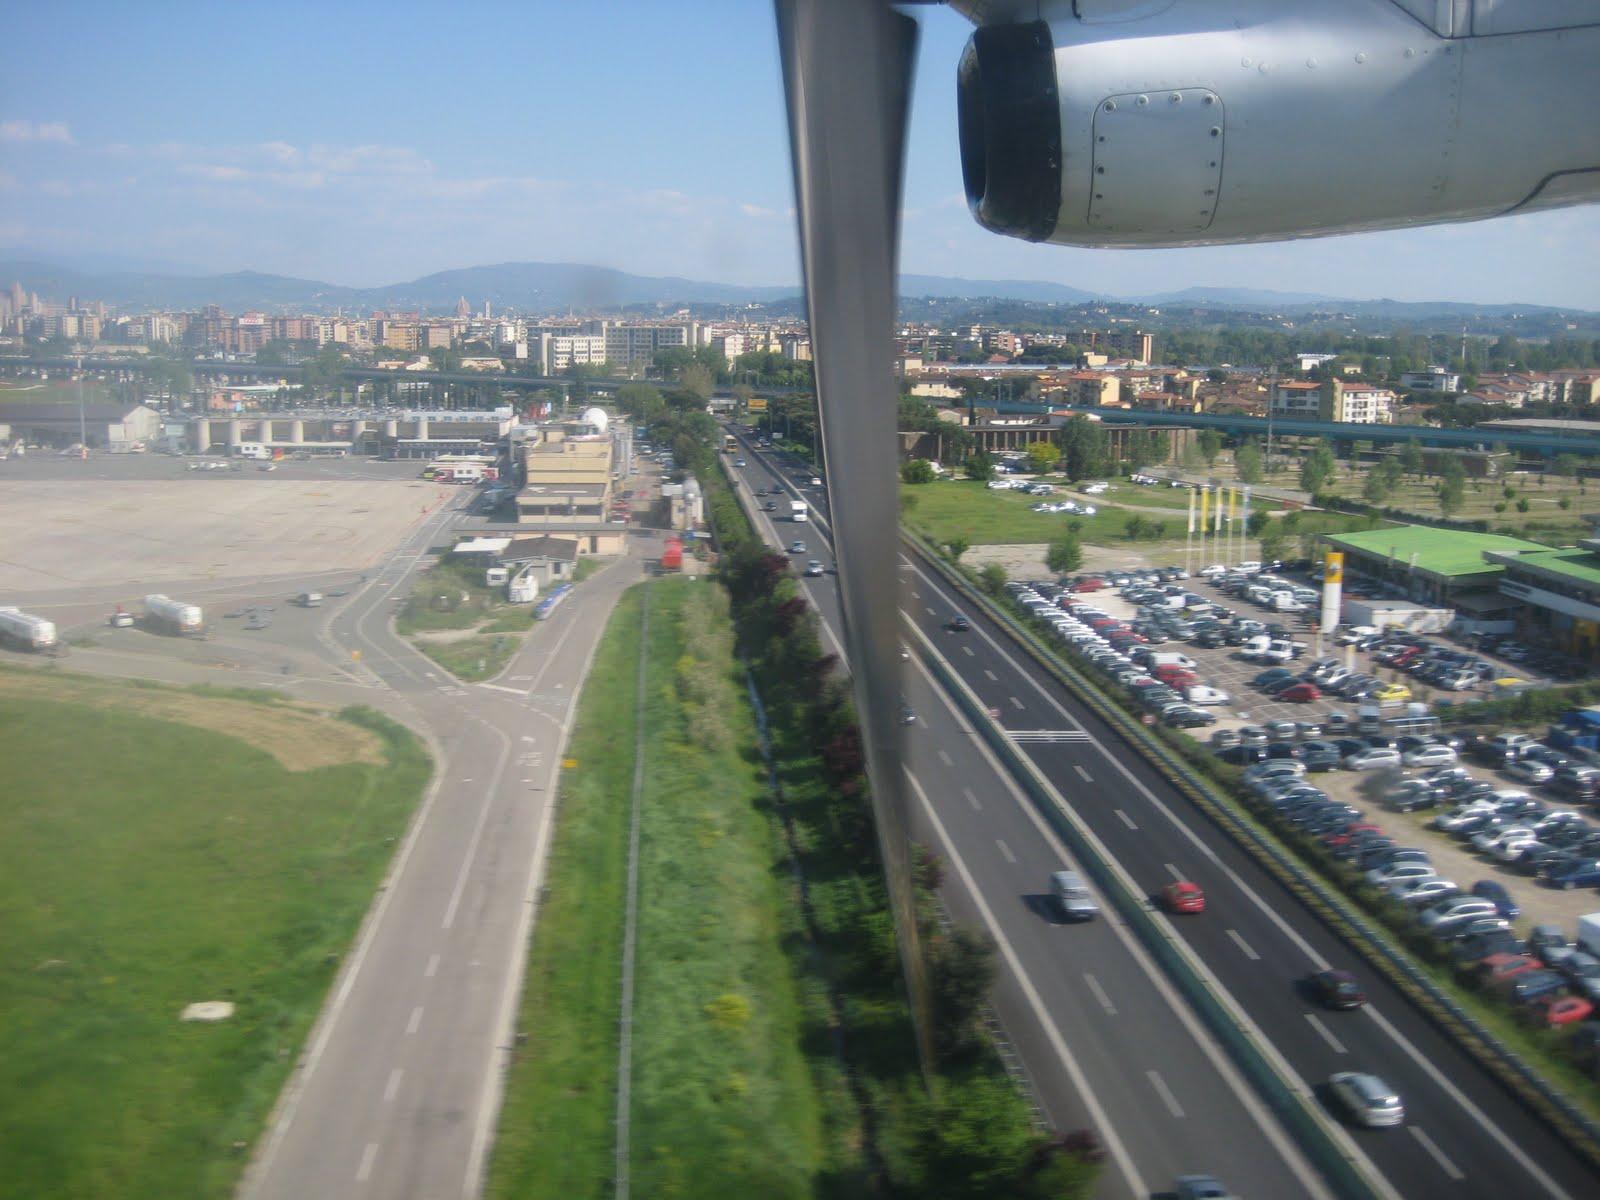 Aeroporto Verona Arrivi : Se l aeroporto di firenze rispetta la v i a e s